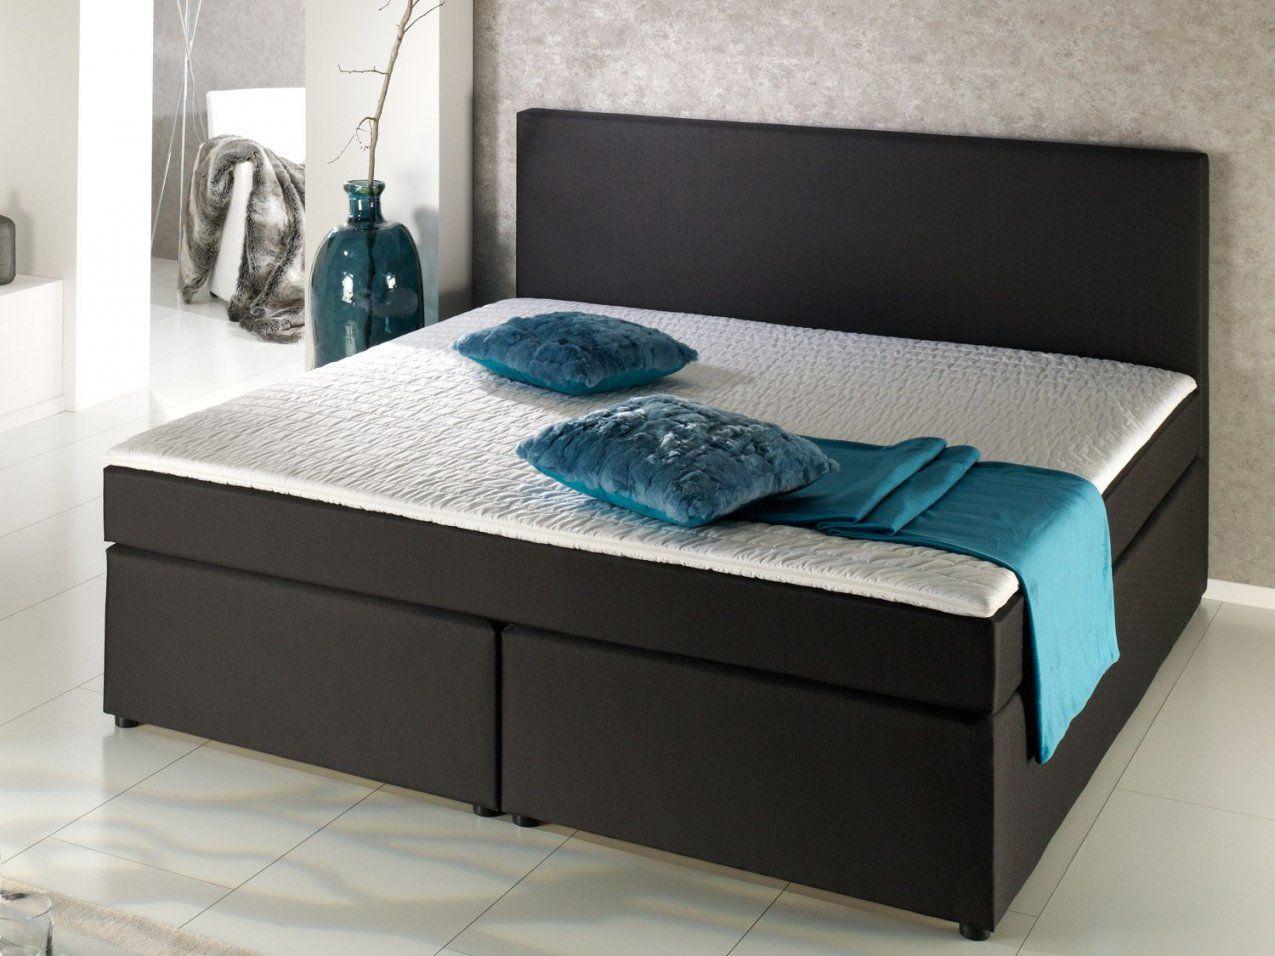 boxspringbetten erobern deutsche schlafzimmer welt von boxspringbett deutscher hersteller bild. Black Bedroom Furniture Sets. Home Design Ideas